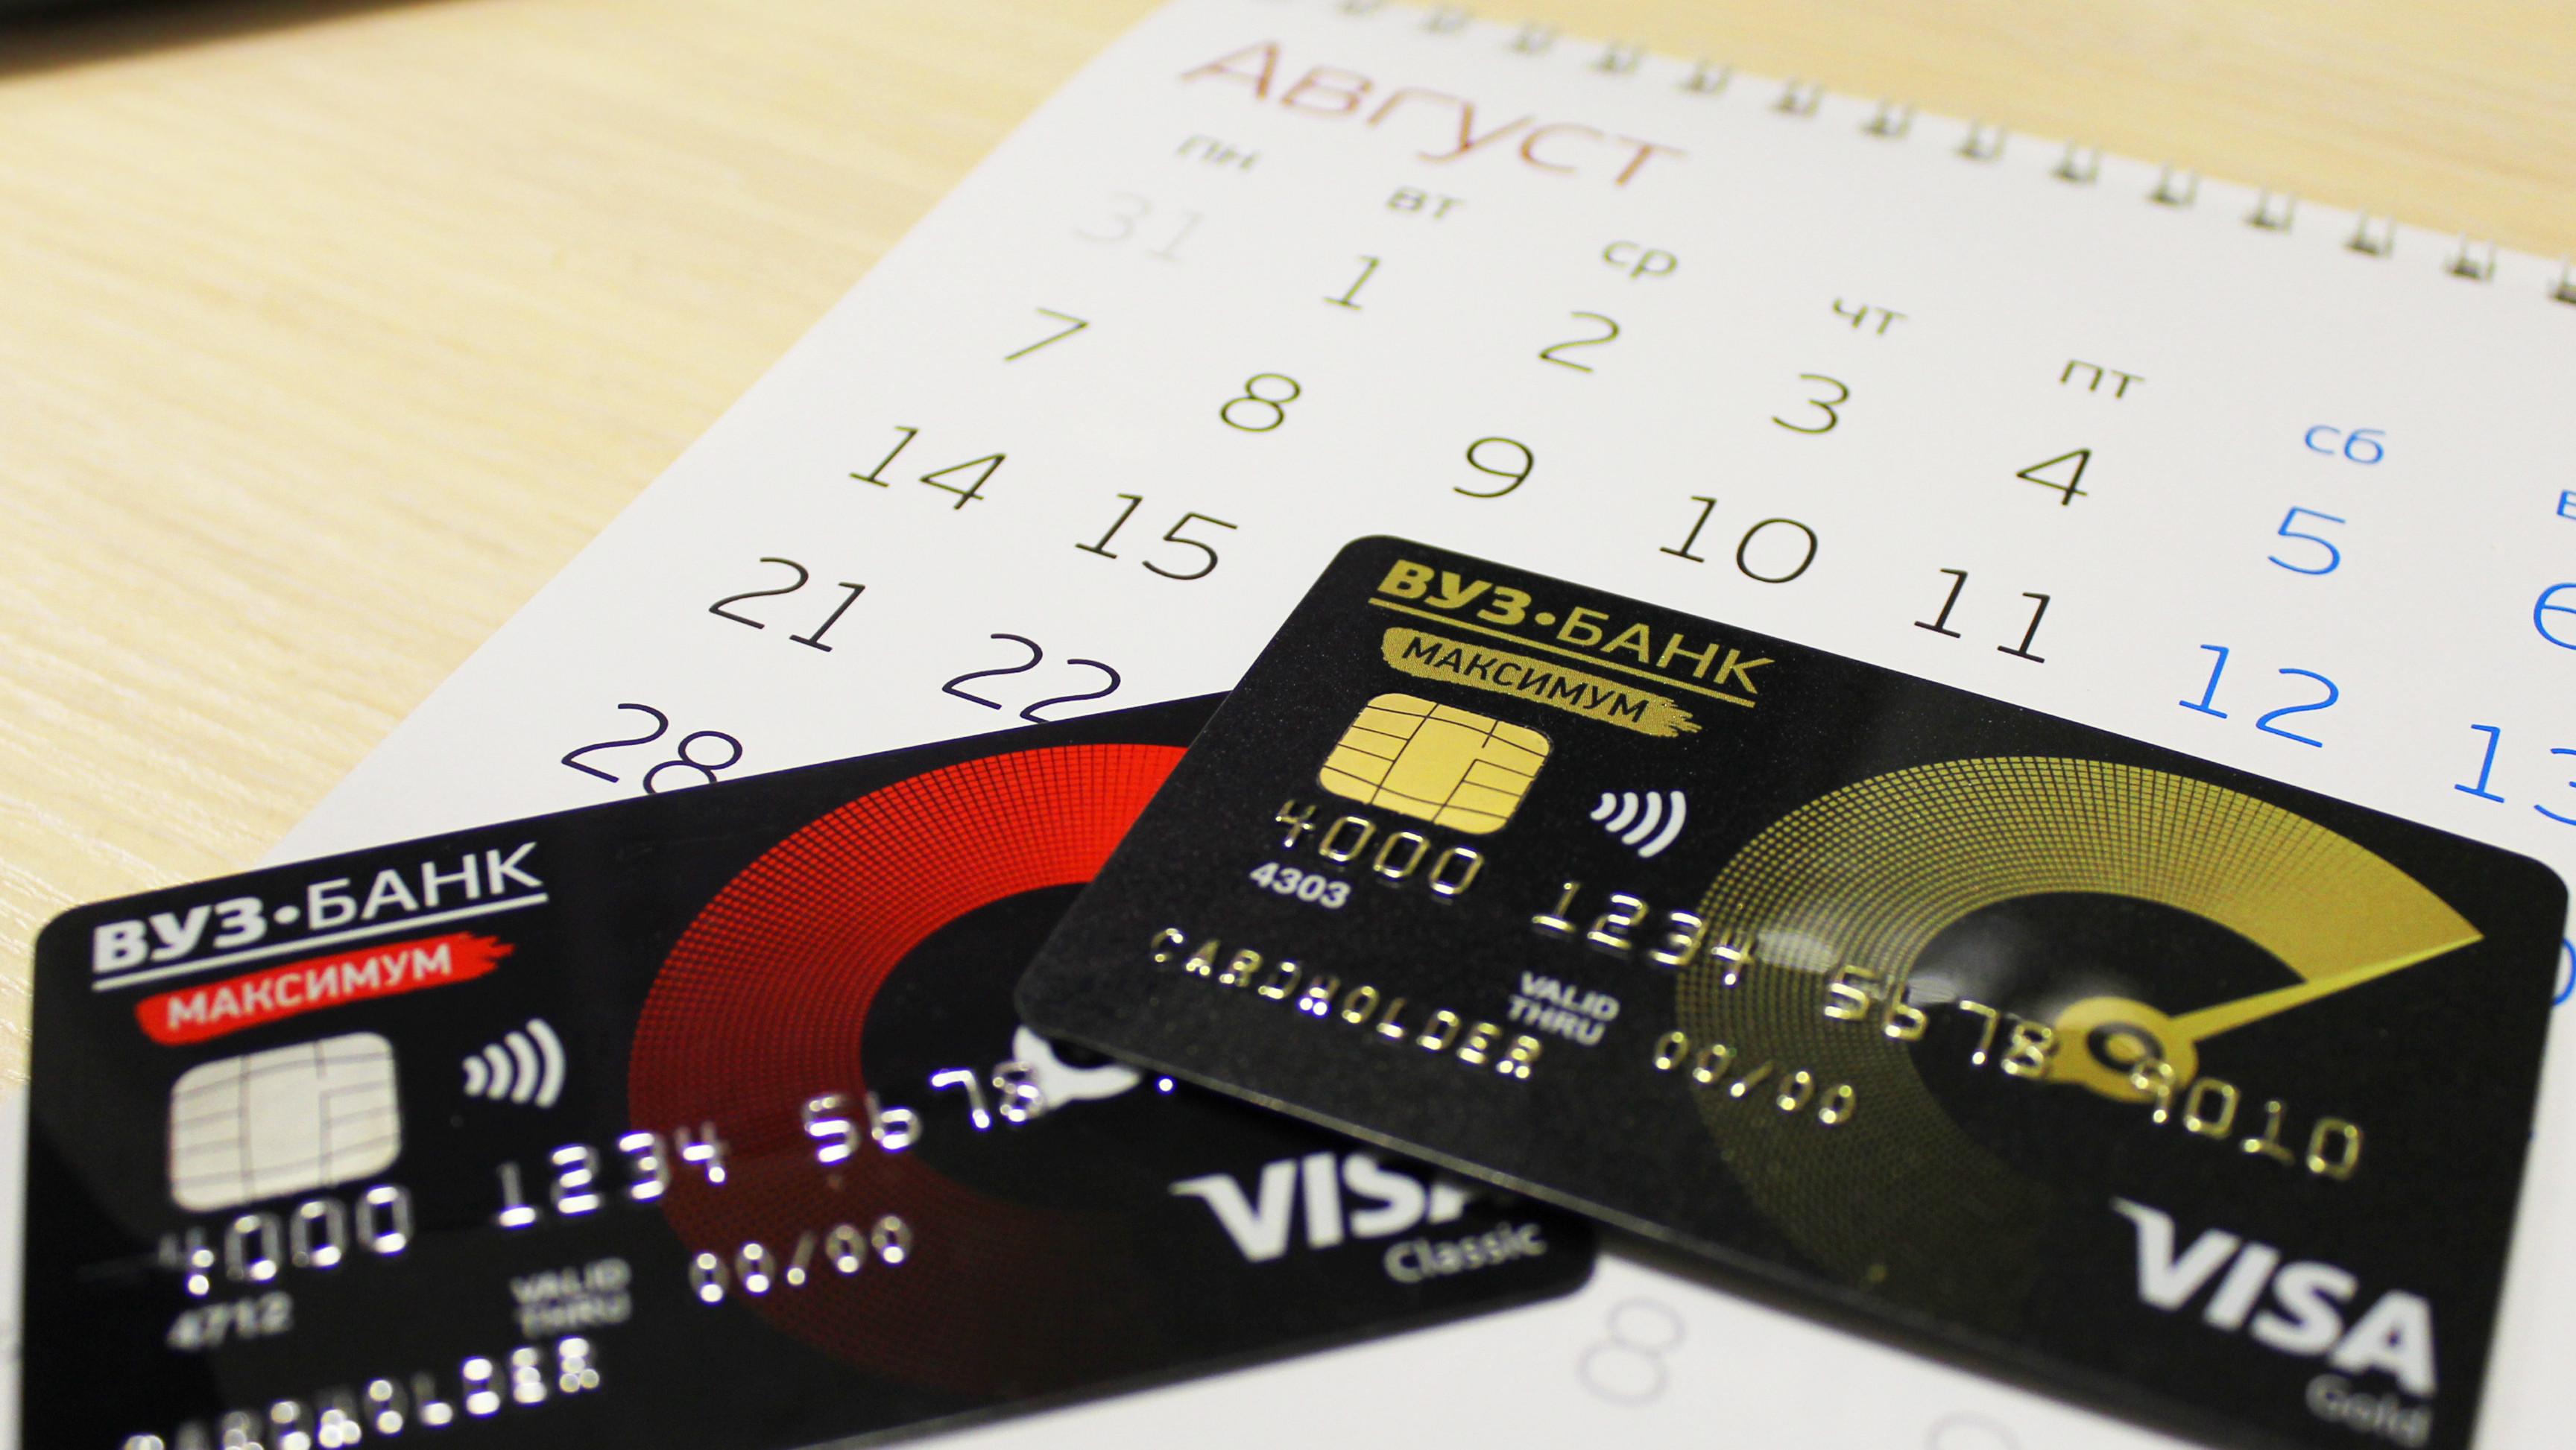 ВУЗ-банк вводит новые категории повышенного кэшбека